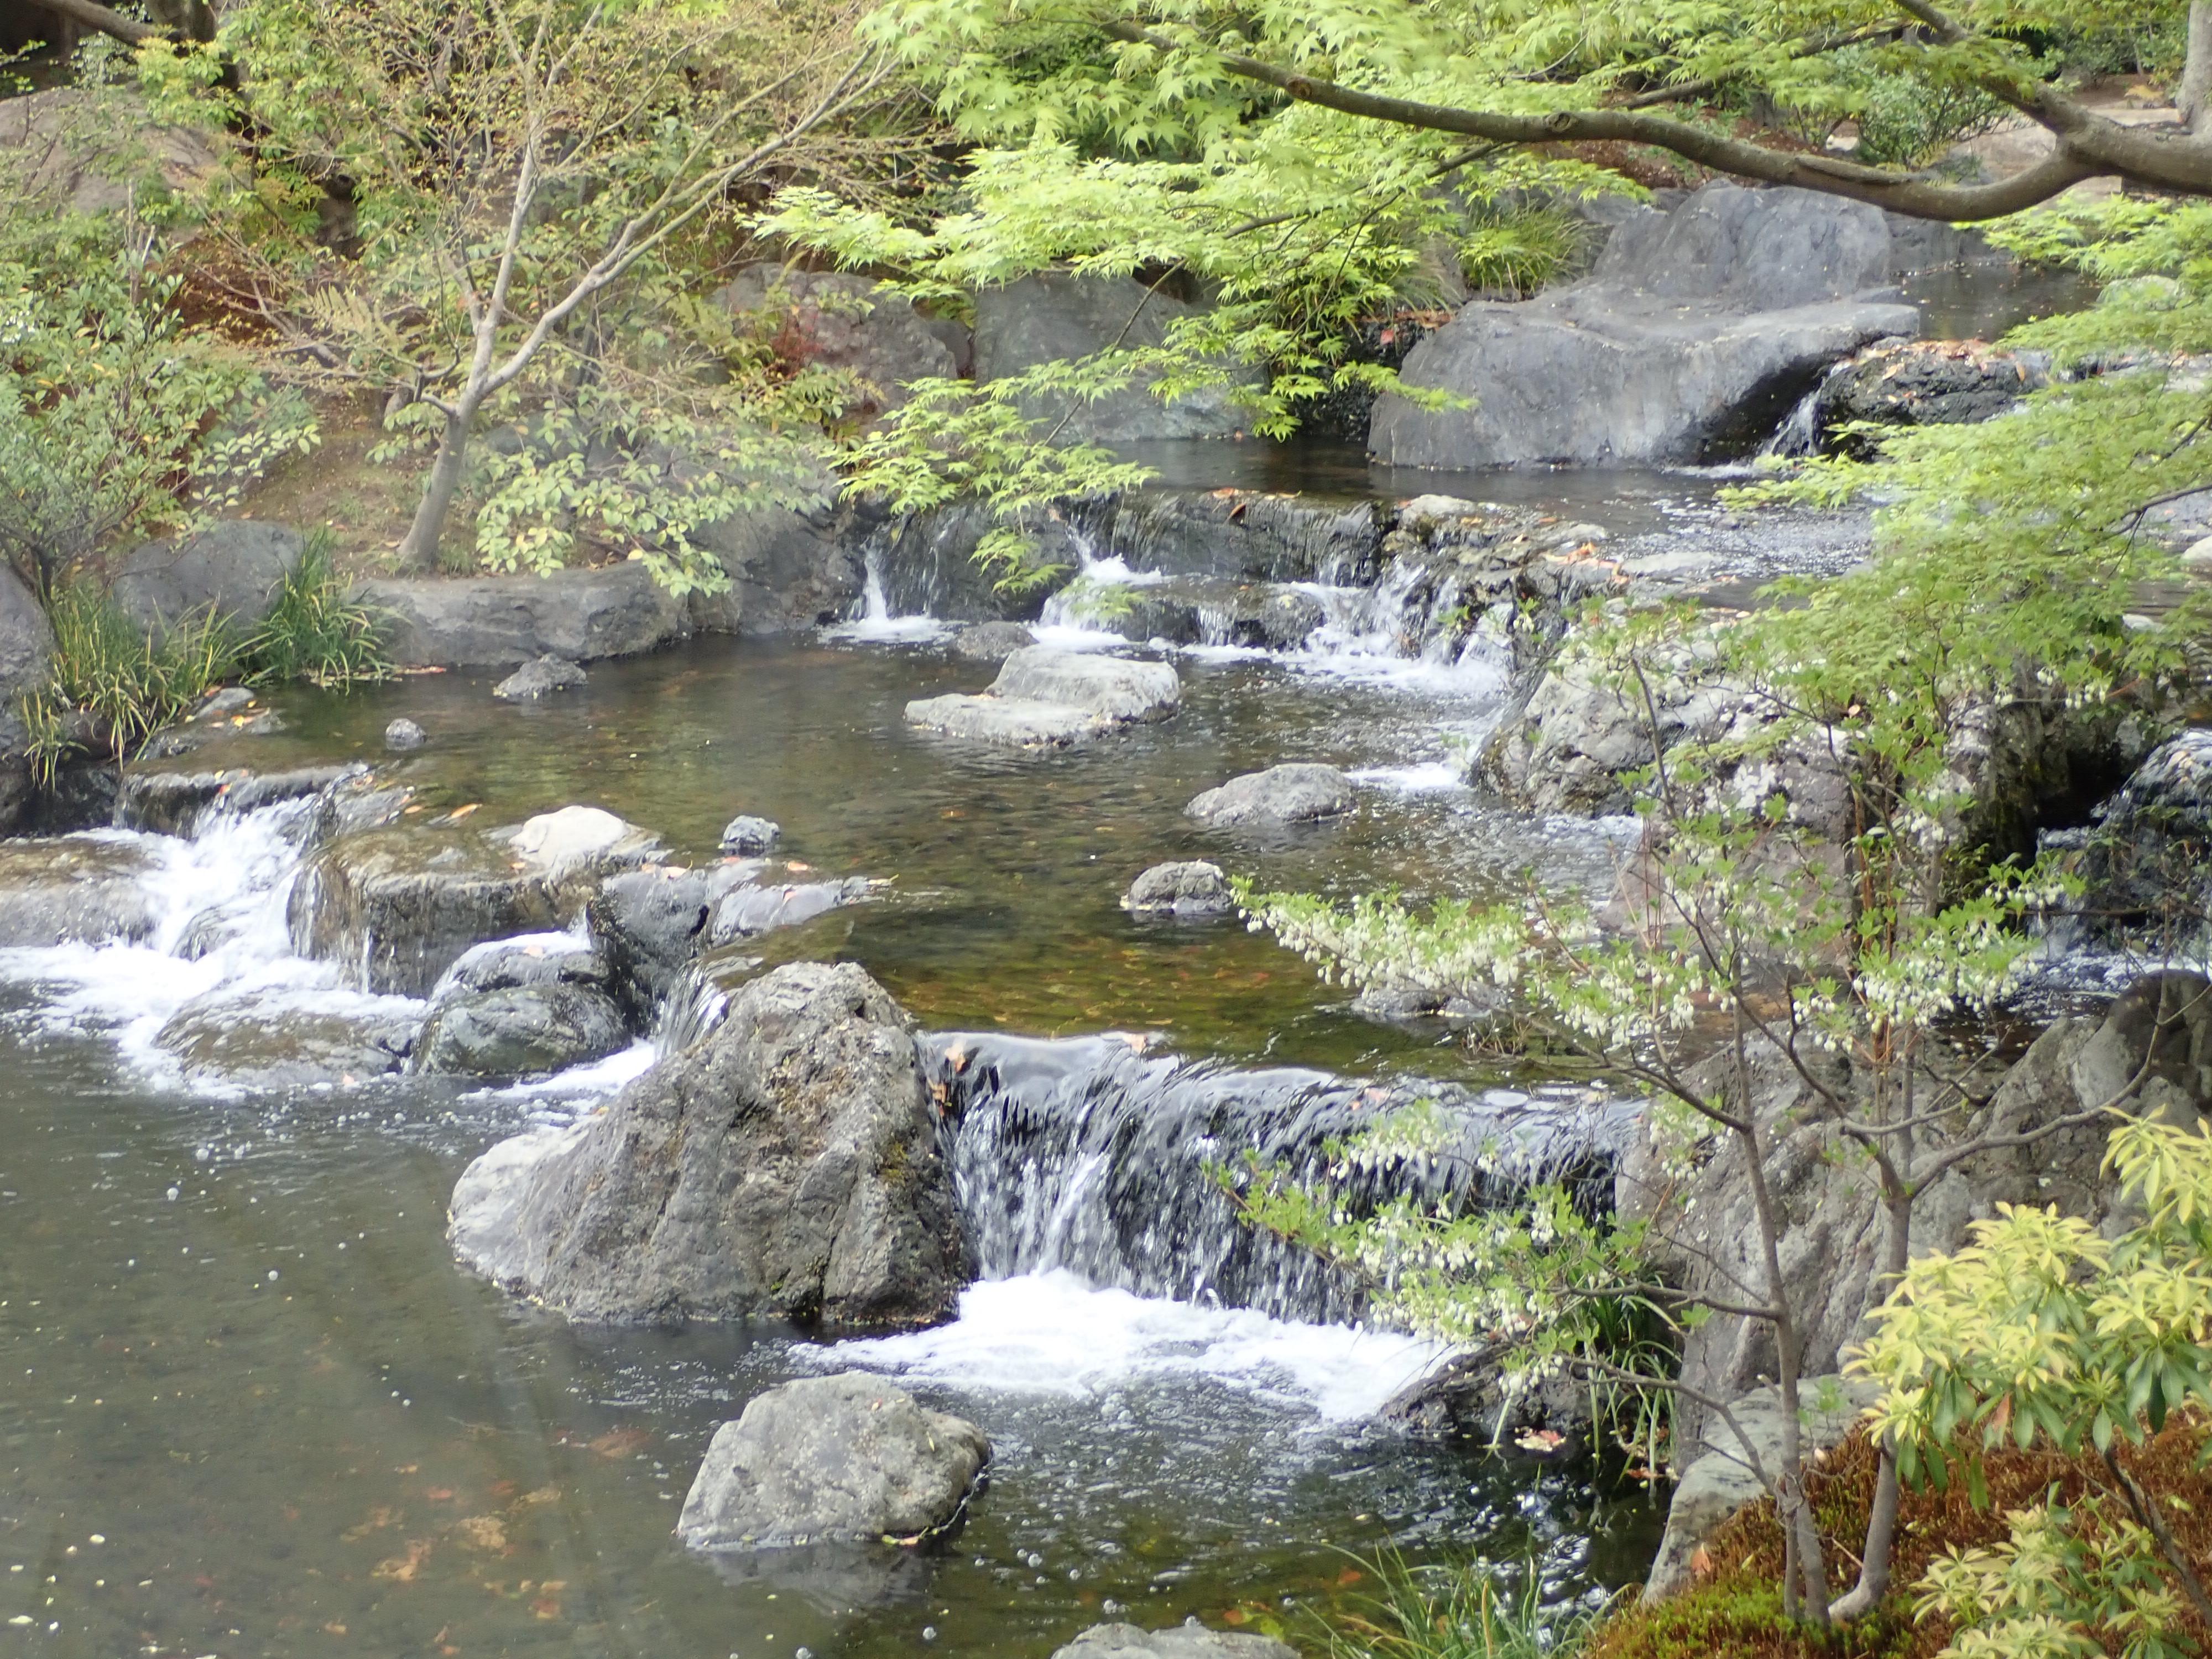 寒川神社の神嶽山神苑にある八氣の池